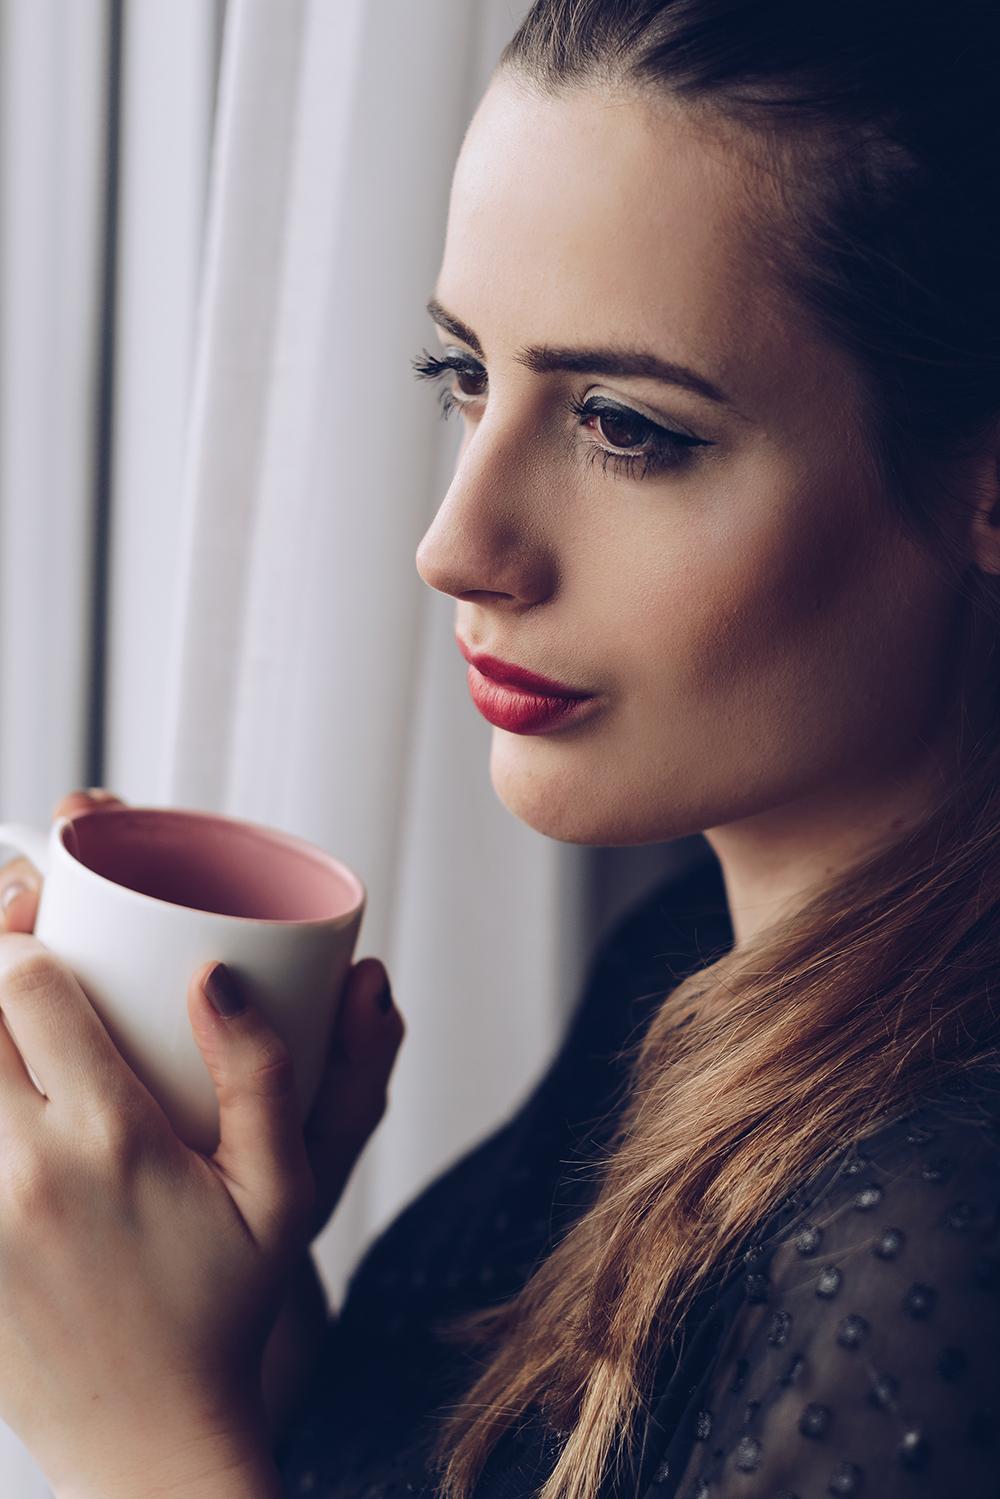 andysparkles-Tipps für eine ausgewogene Work-Life-Balance-Calmvalera Hevert